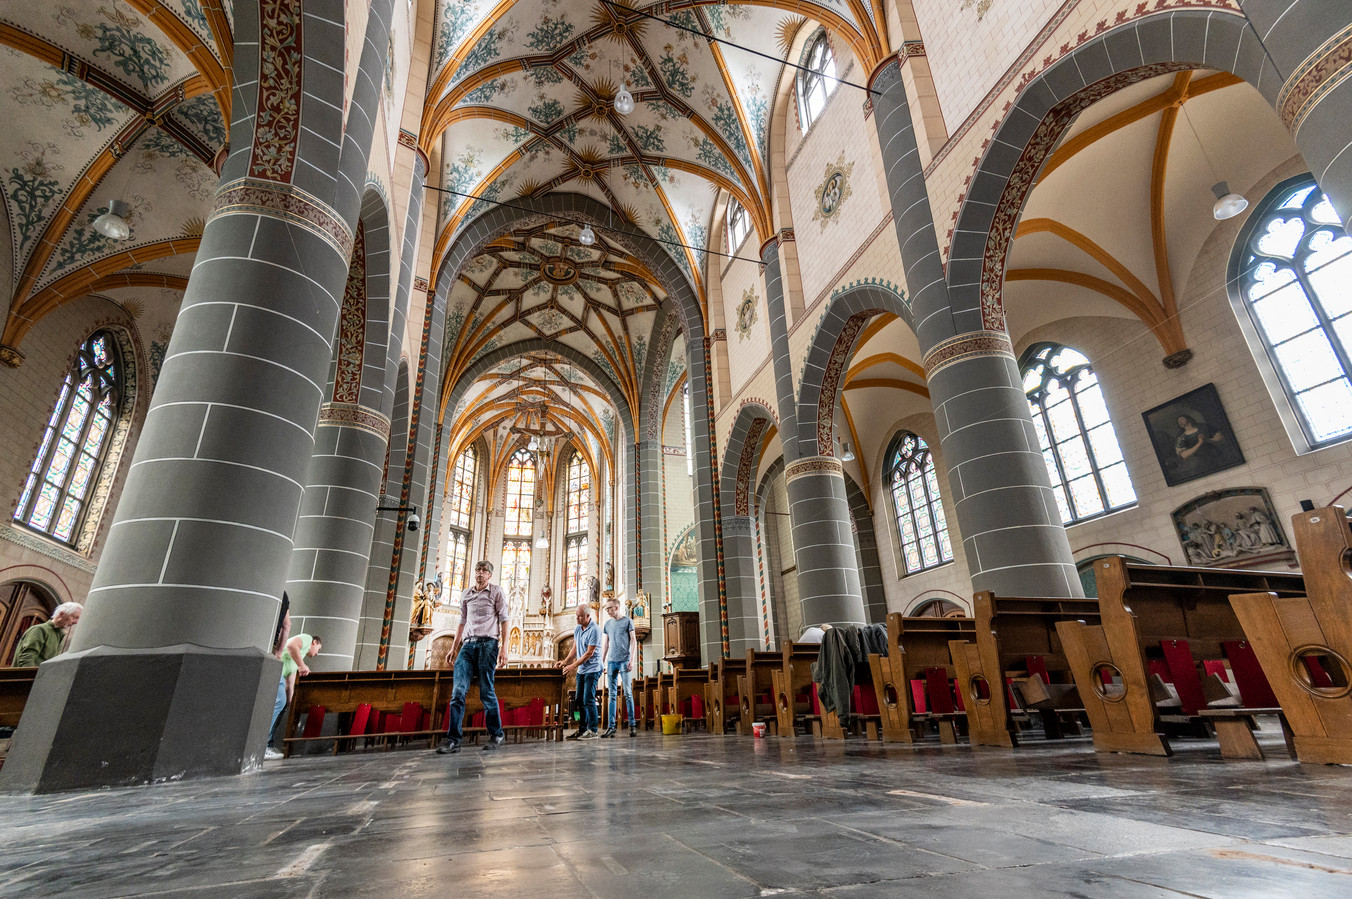 De banken in de Geffense Maria Magdalenakerk worden terug op hun plek gezet, in afwachting van een nieuwe onderzoeksdatum.